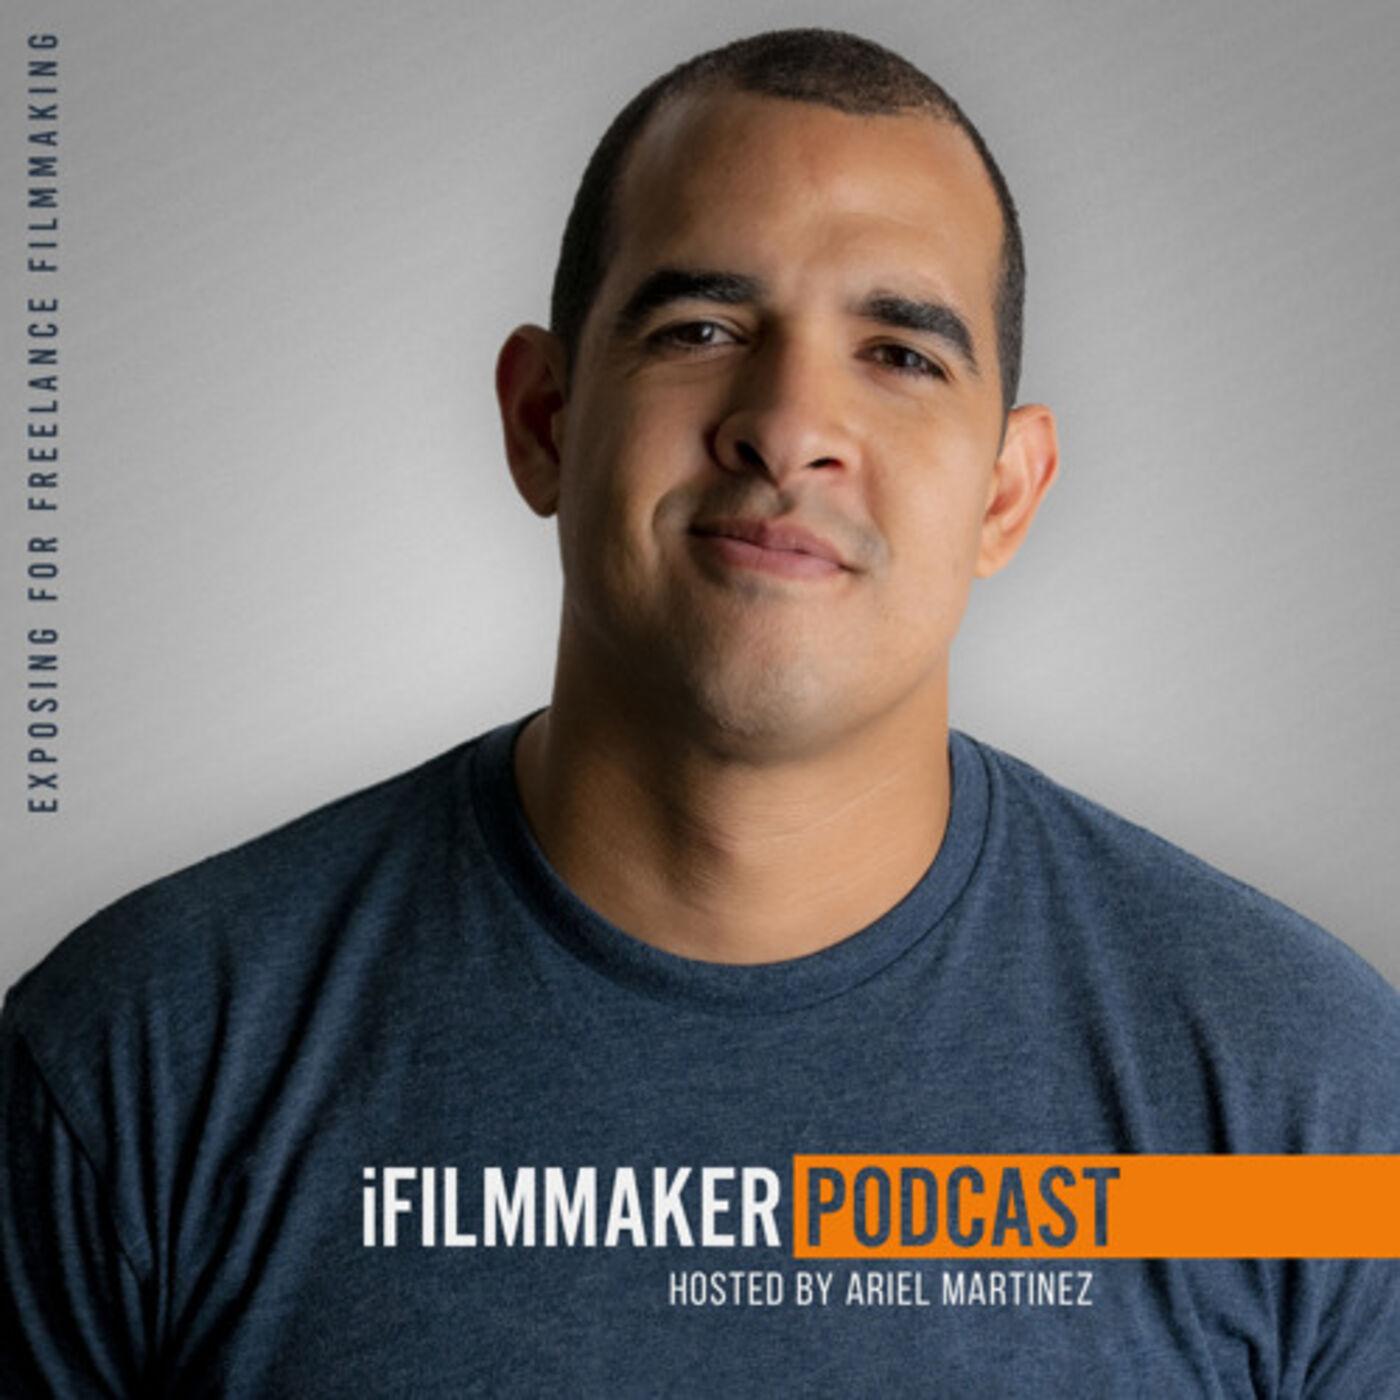 Starting as a Filmmaker [Ep01]